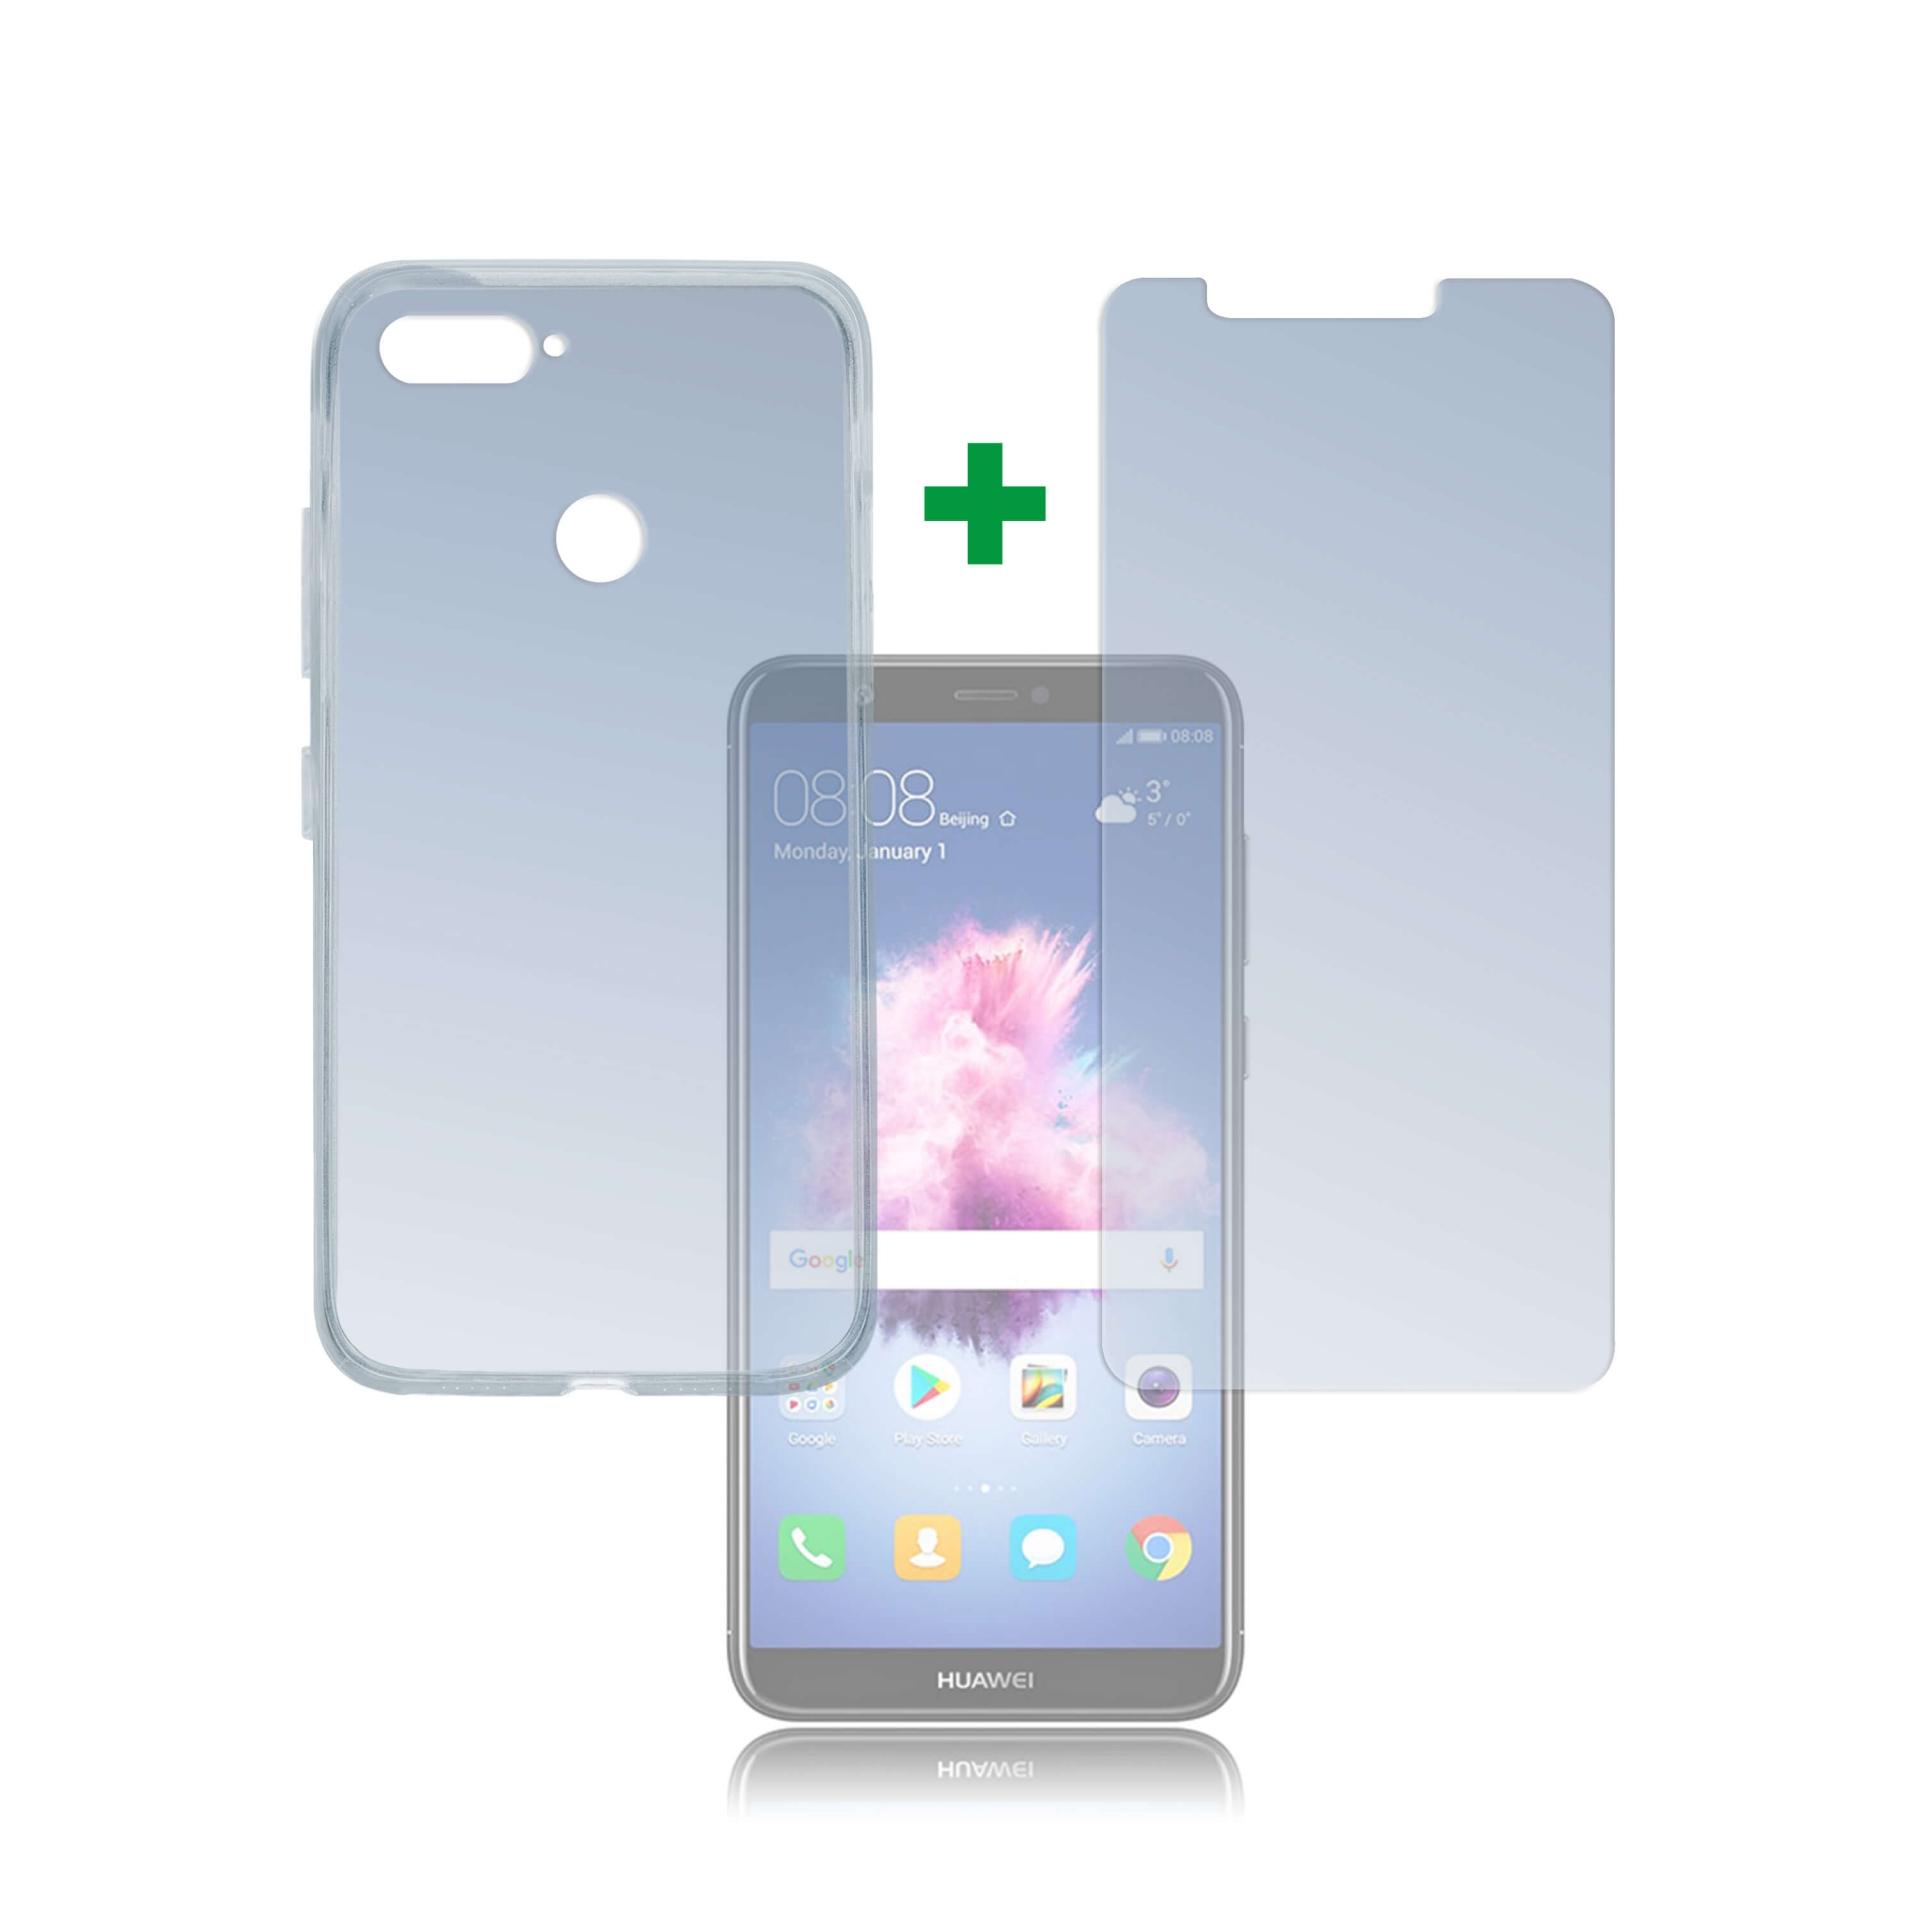 4smarts 360° Protection Set — тънък силиконов кейс и стъклено защитно покритие за дисплея на Huawei P Smart (прозрачен) - 1